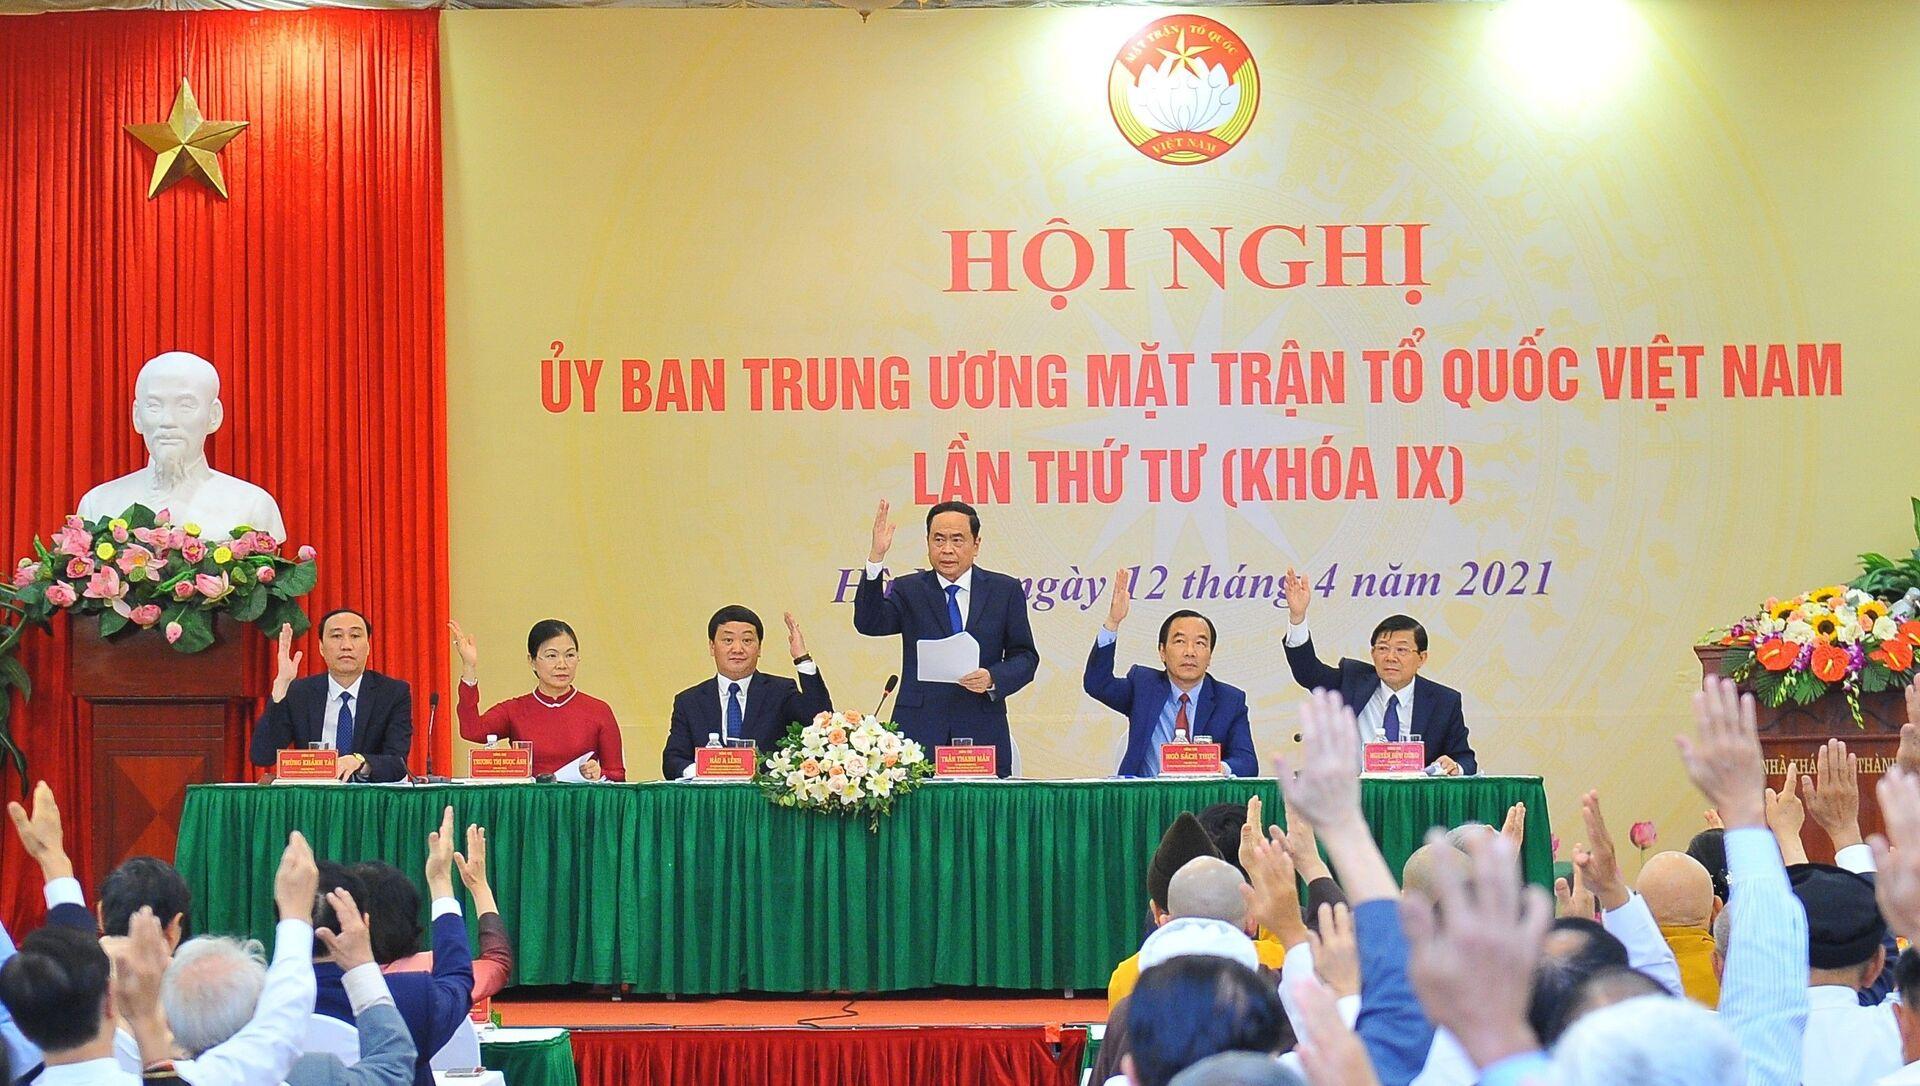 Hiệp thương cử Chủ tịch Ủy ban Trung ương MTTQ Việt Nam - Sputnik Việt Nam, 1920, 12.04.2021